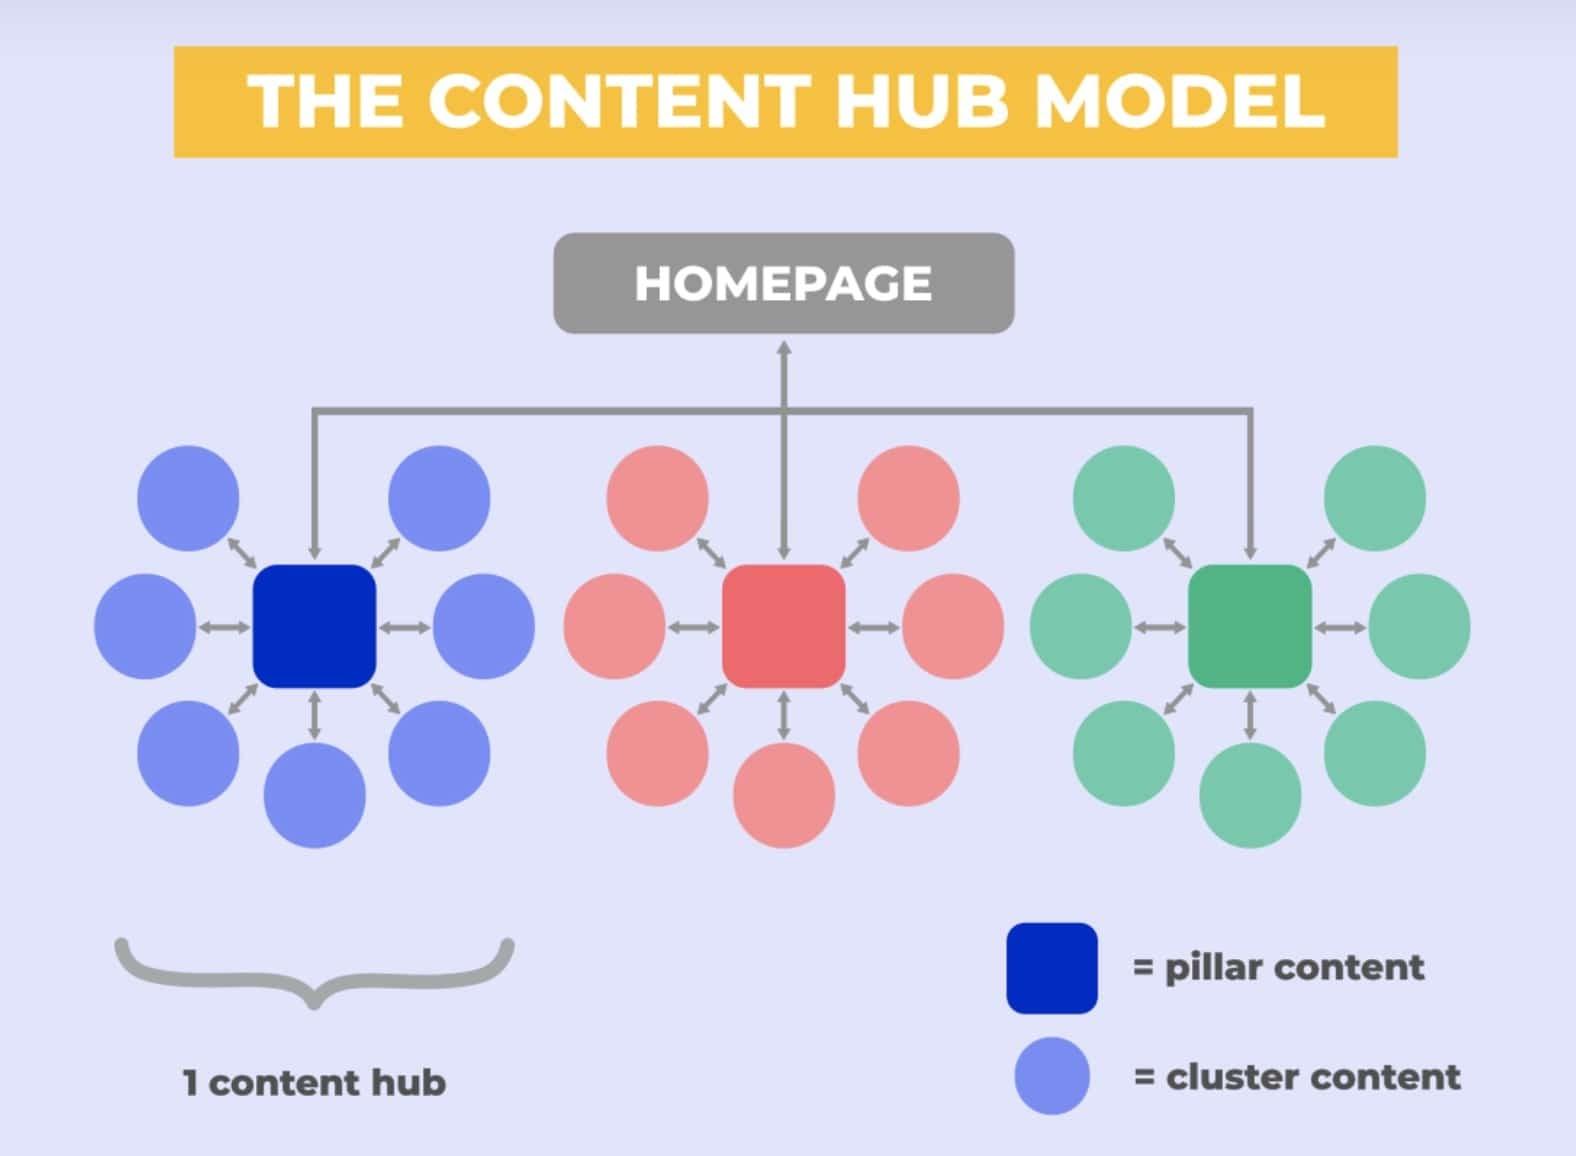 content hub model